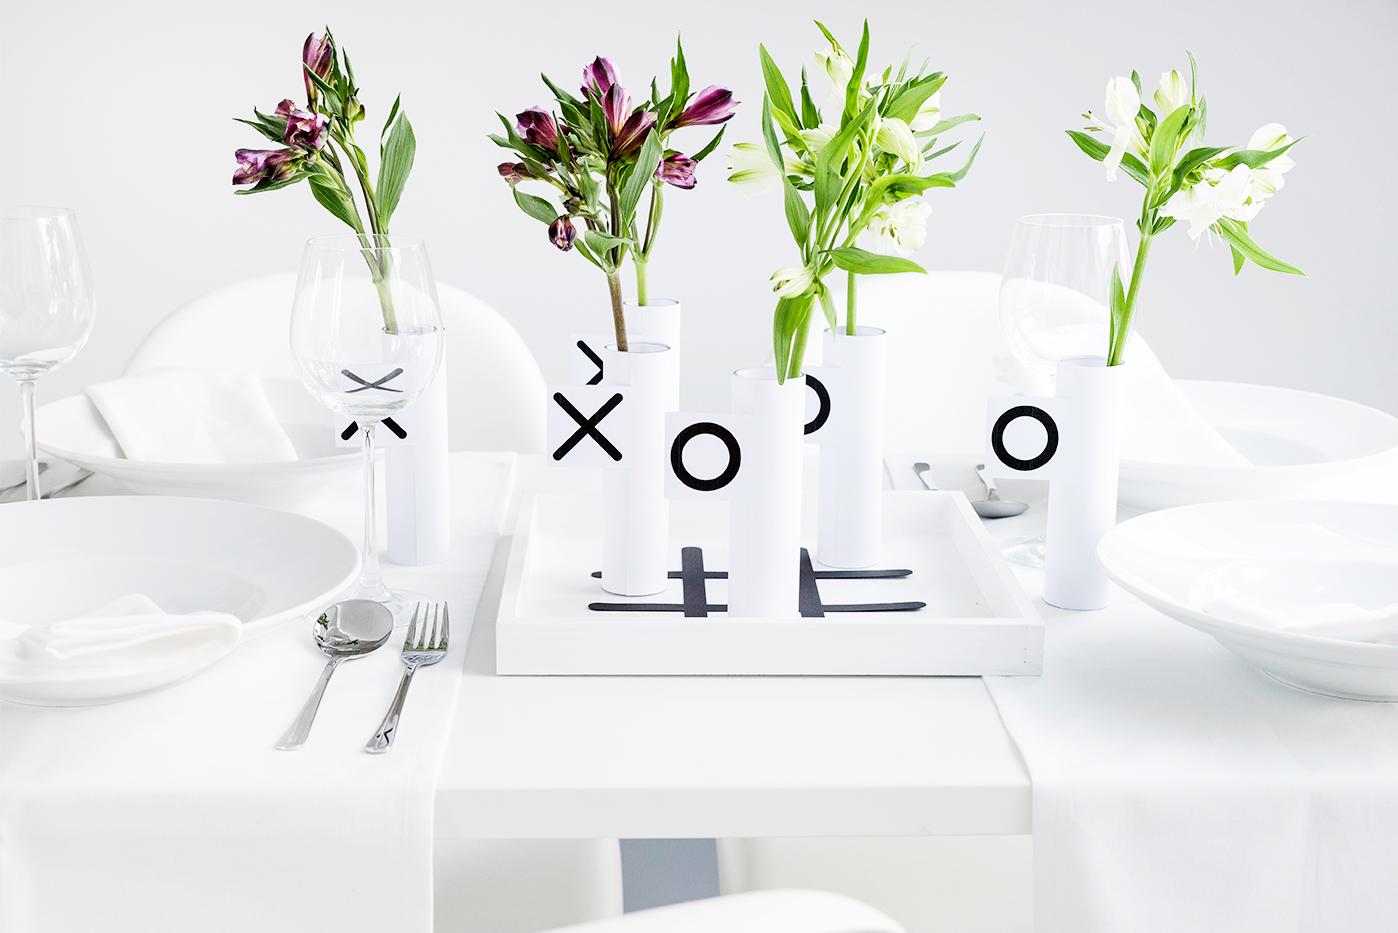 Tischdeko mit Glasvasen